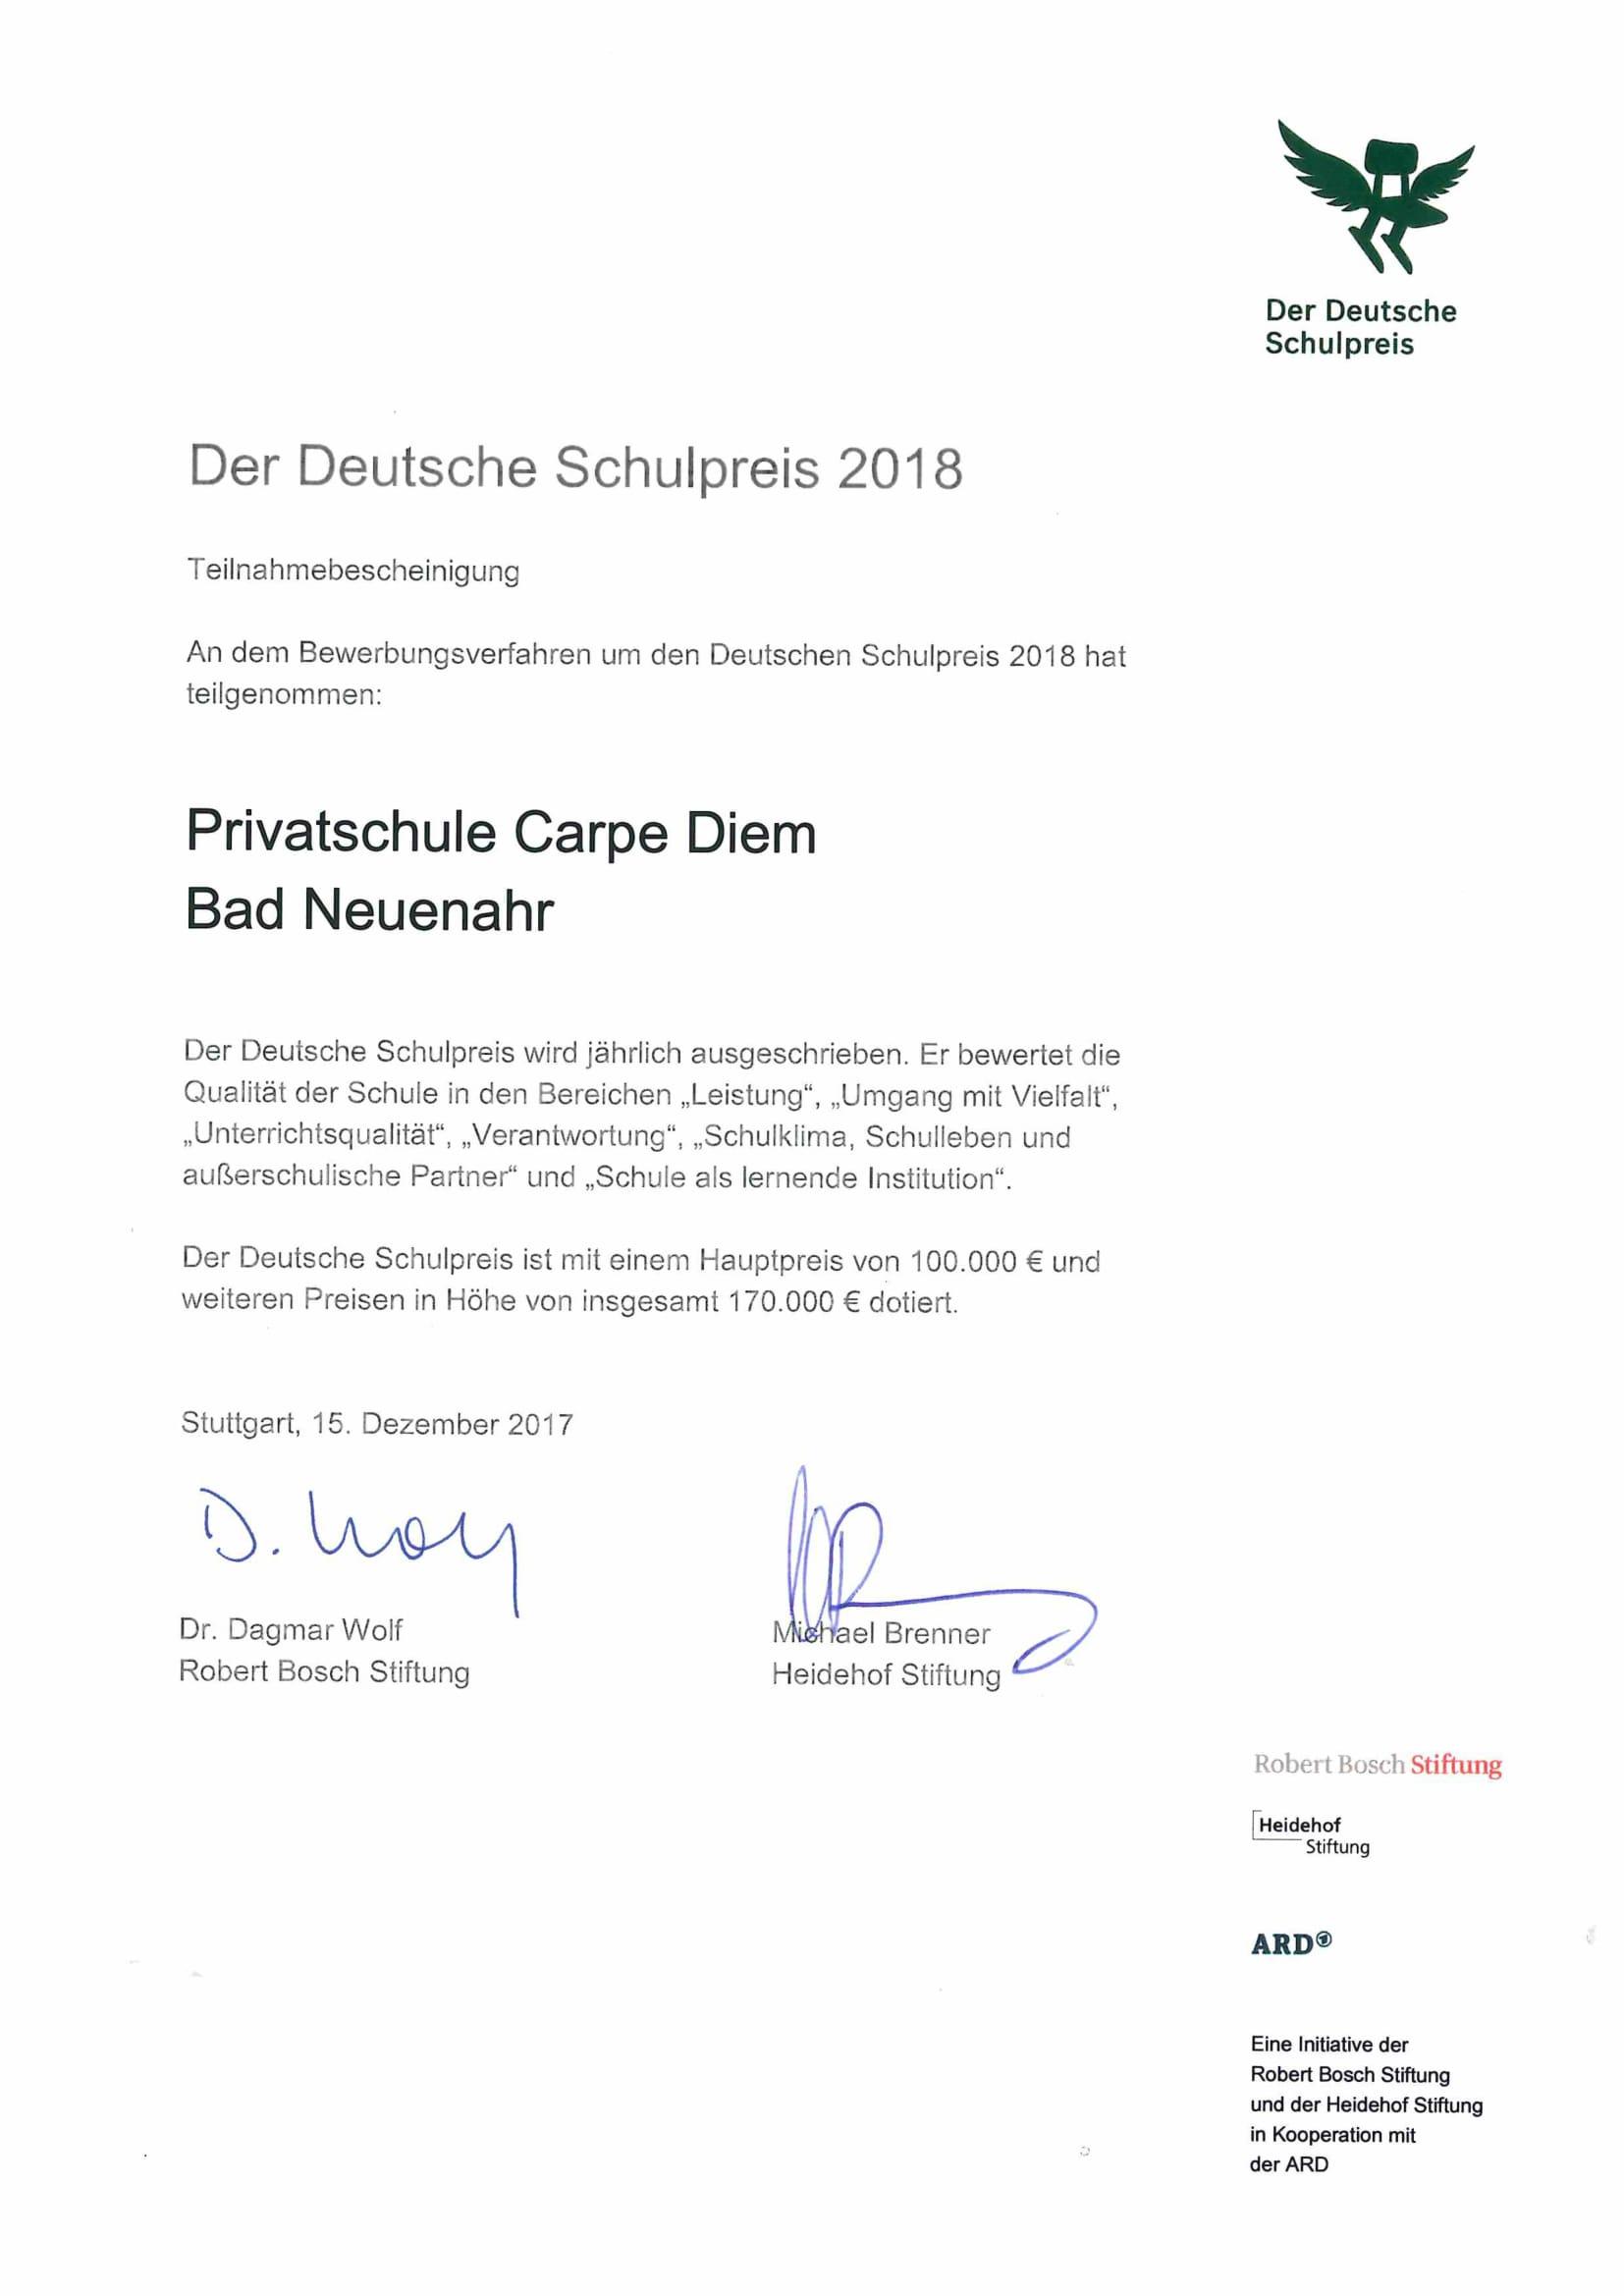 Teilnahmebescheinigung_DeutscherSchulpreis-1